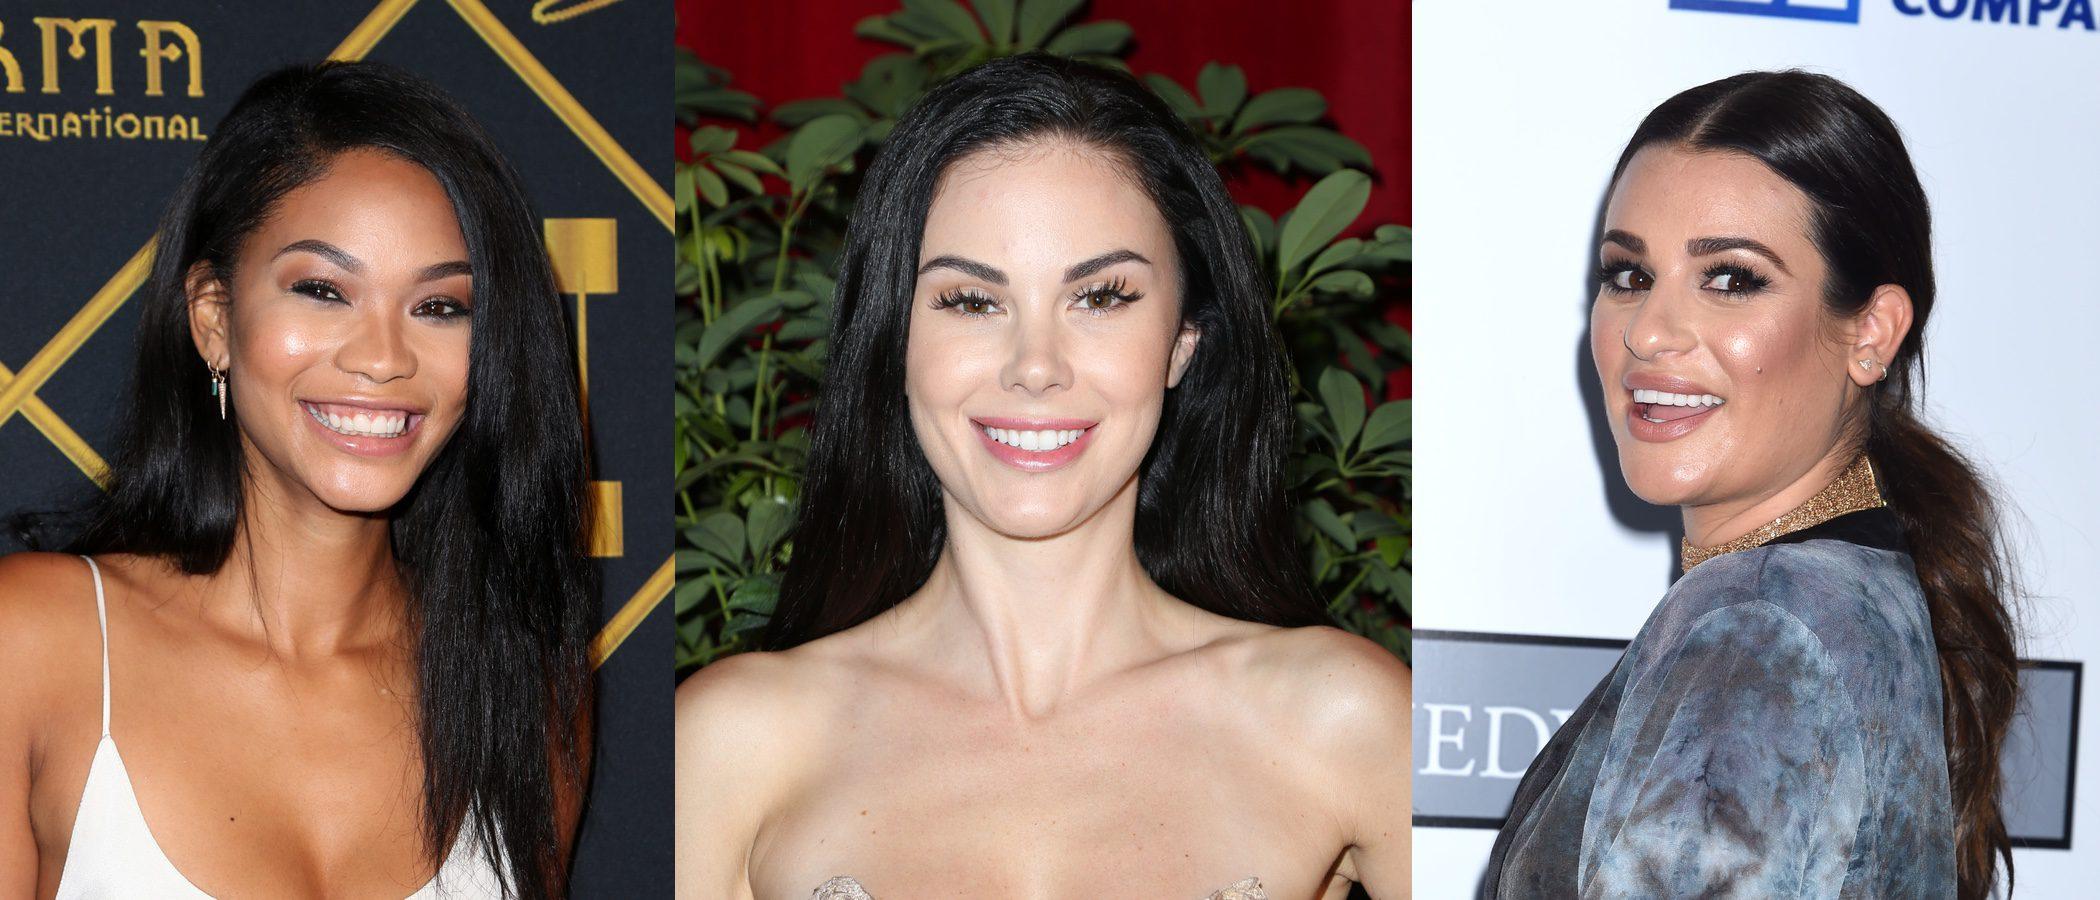 Chanel Iman, Jayde Nicole y Lea Michele entre los peores beauty looks de la semana